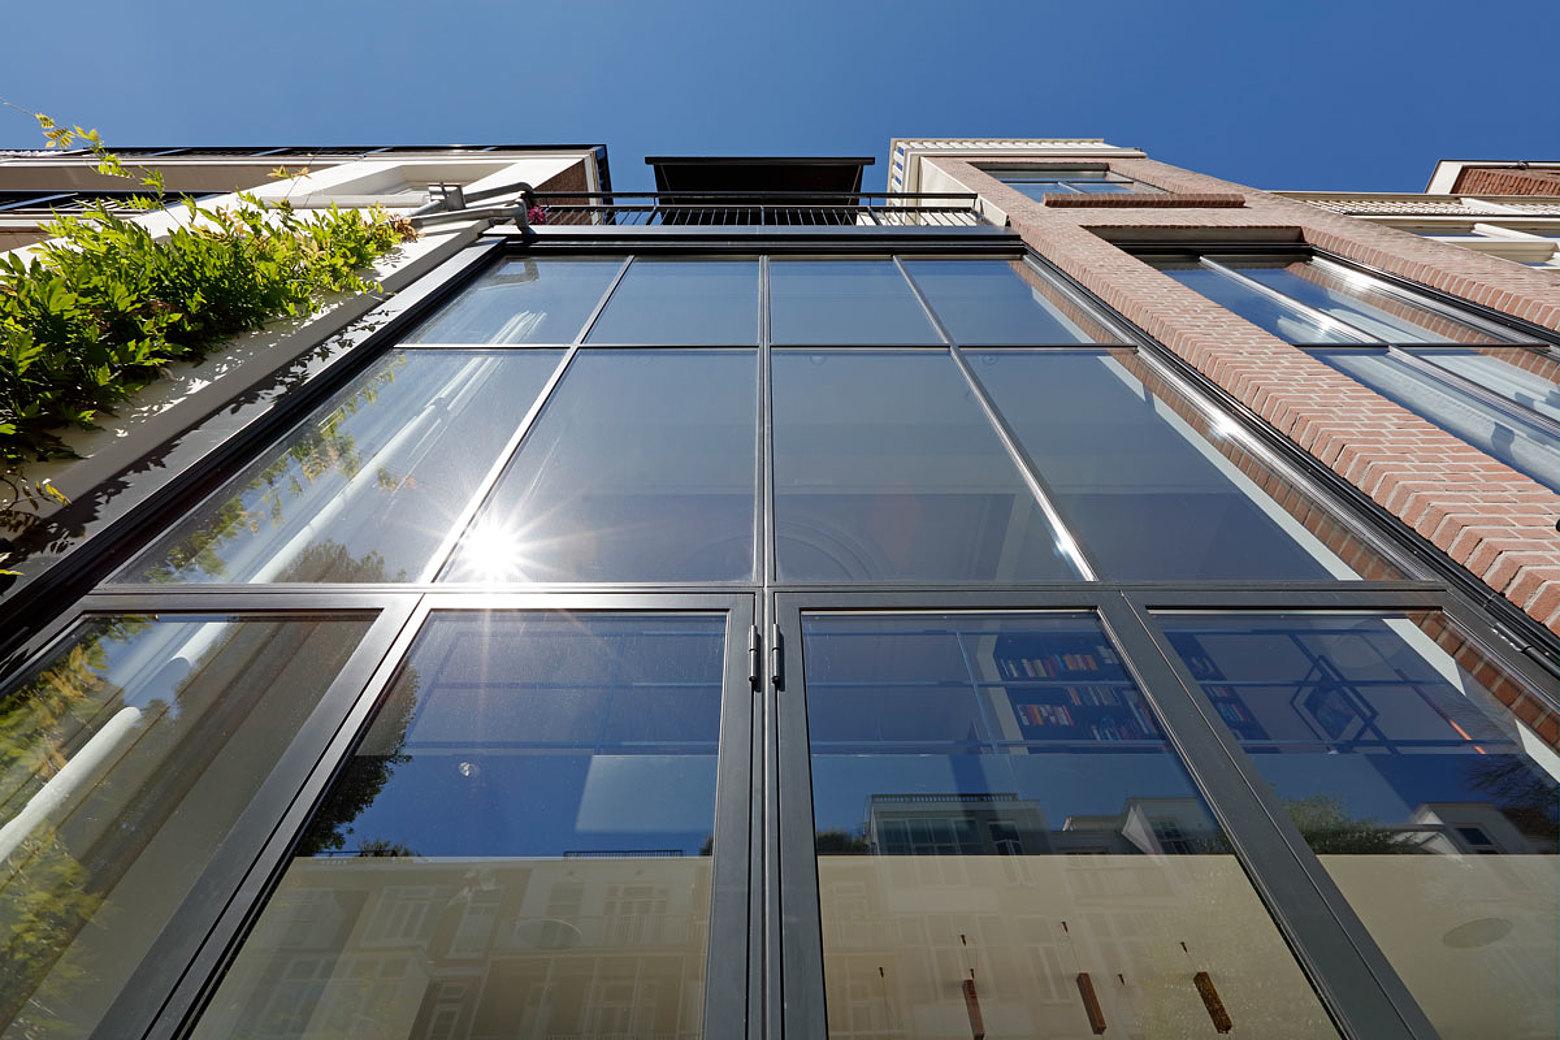 Verglasungen aus Stahl mit Wärmedämmung, für Fassaden